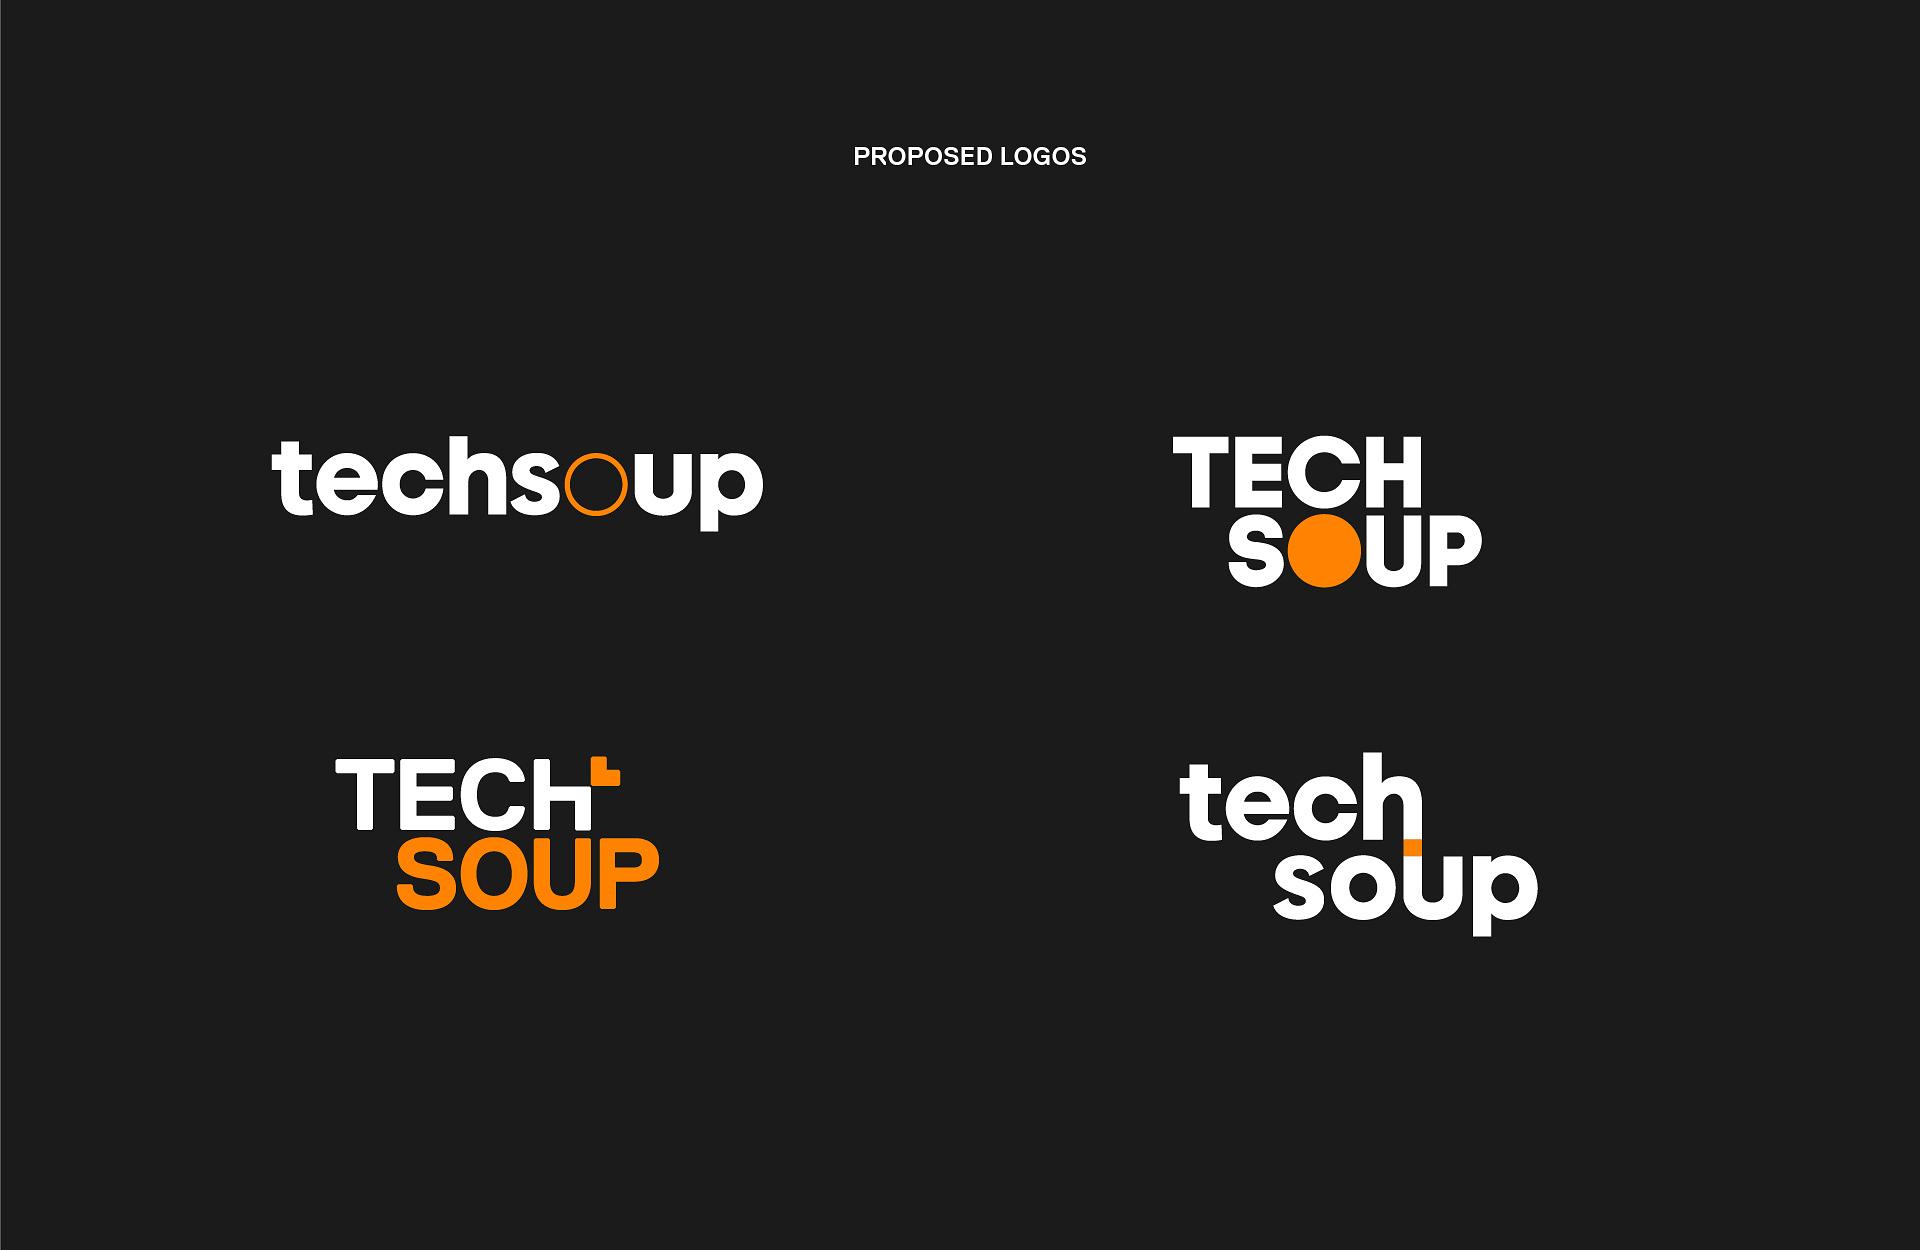 techsoup_logo-3